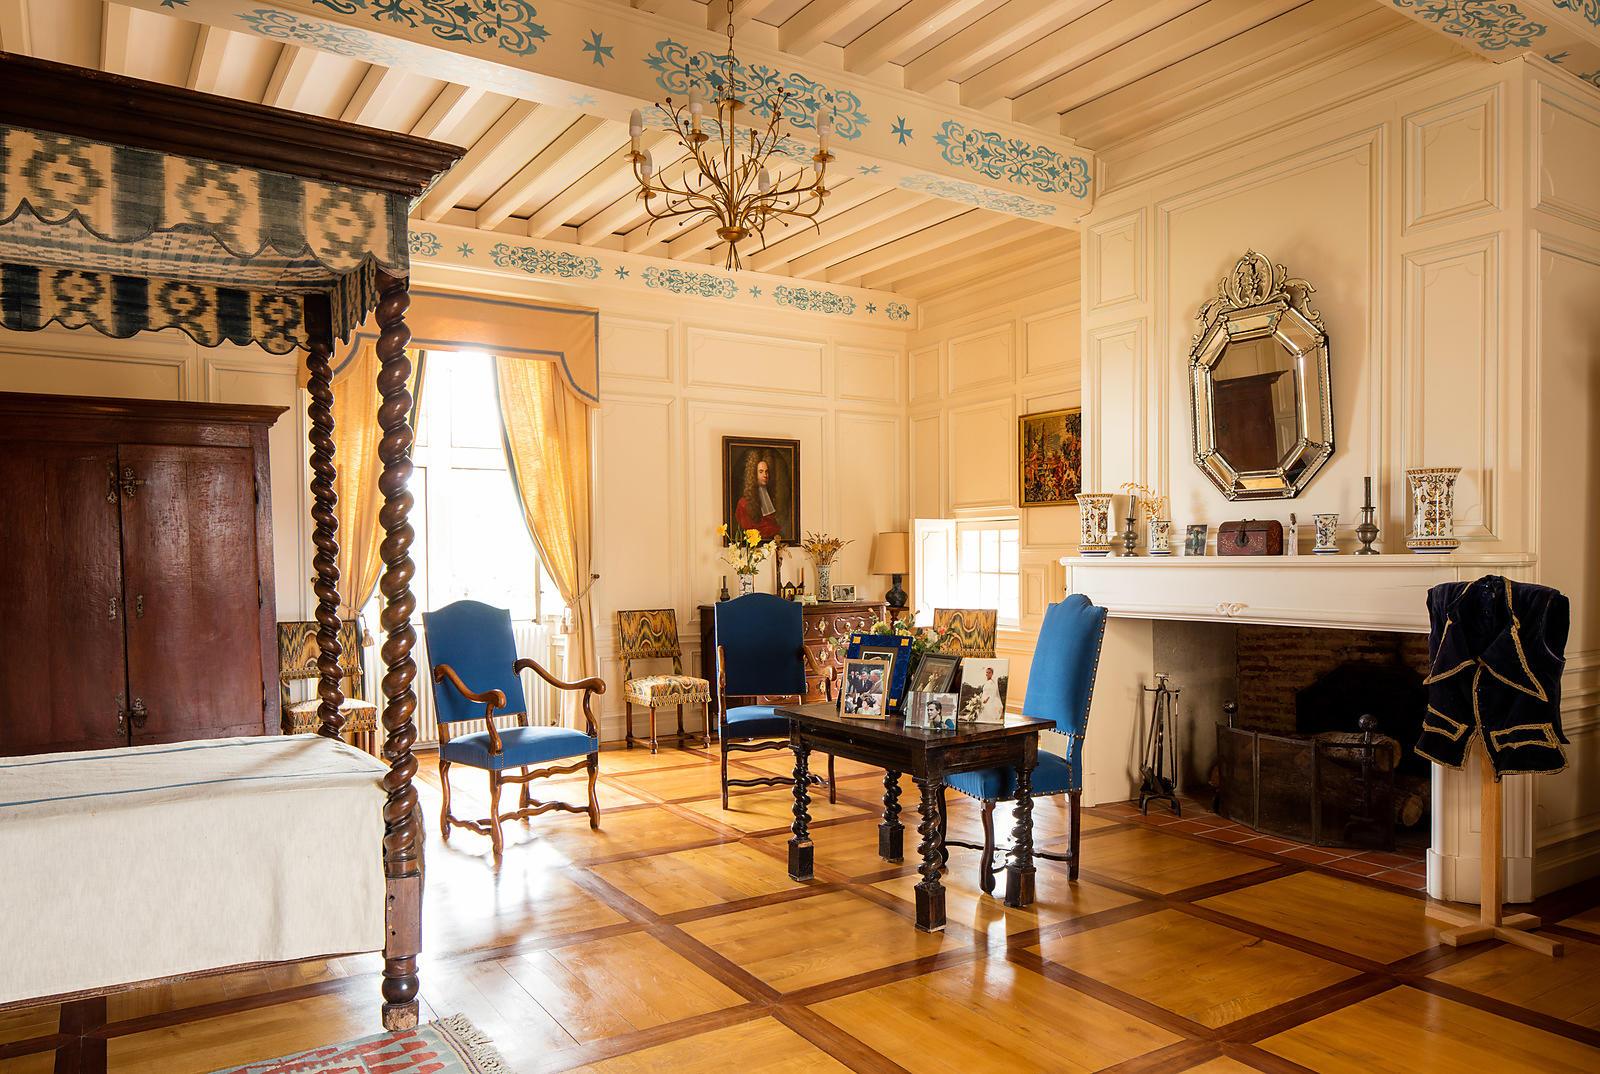 Eric sander photographe la chambre louis xiii for Chambre louis 13